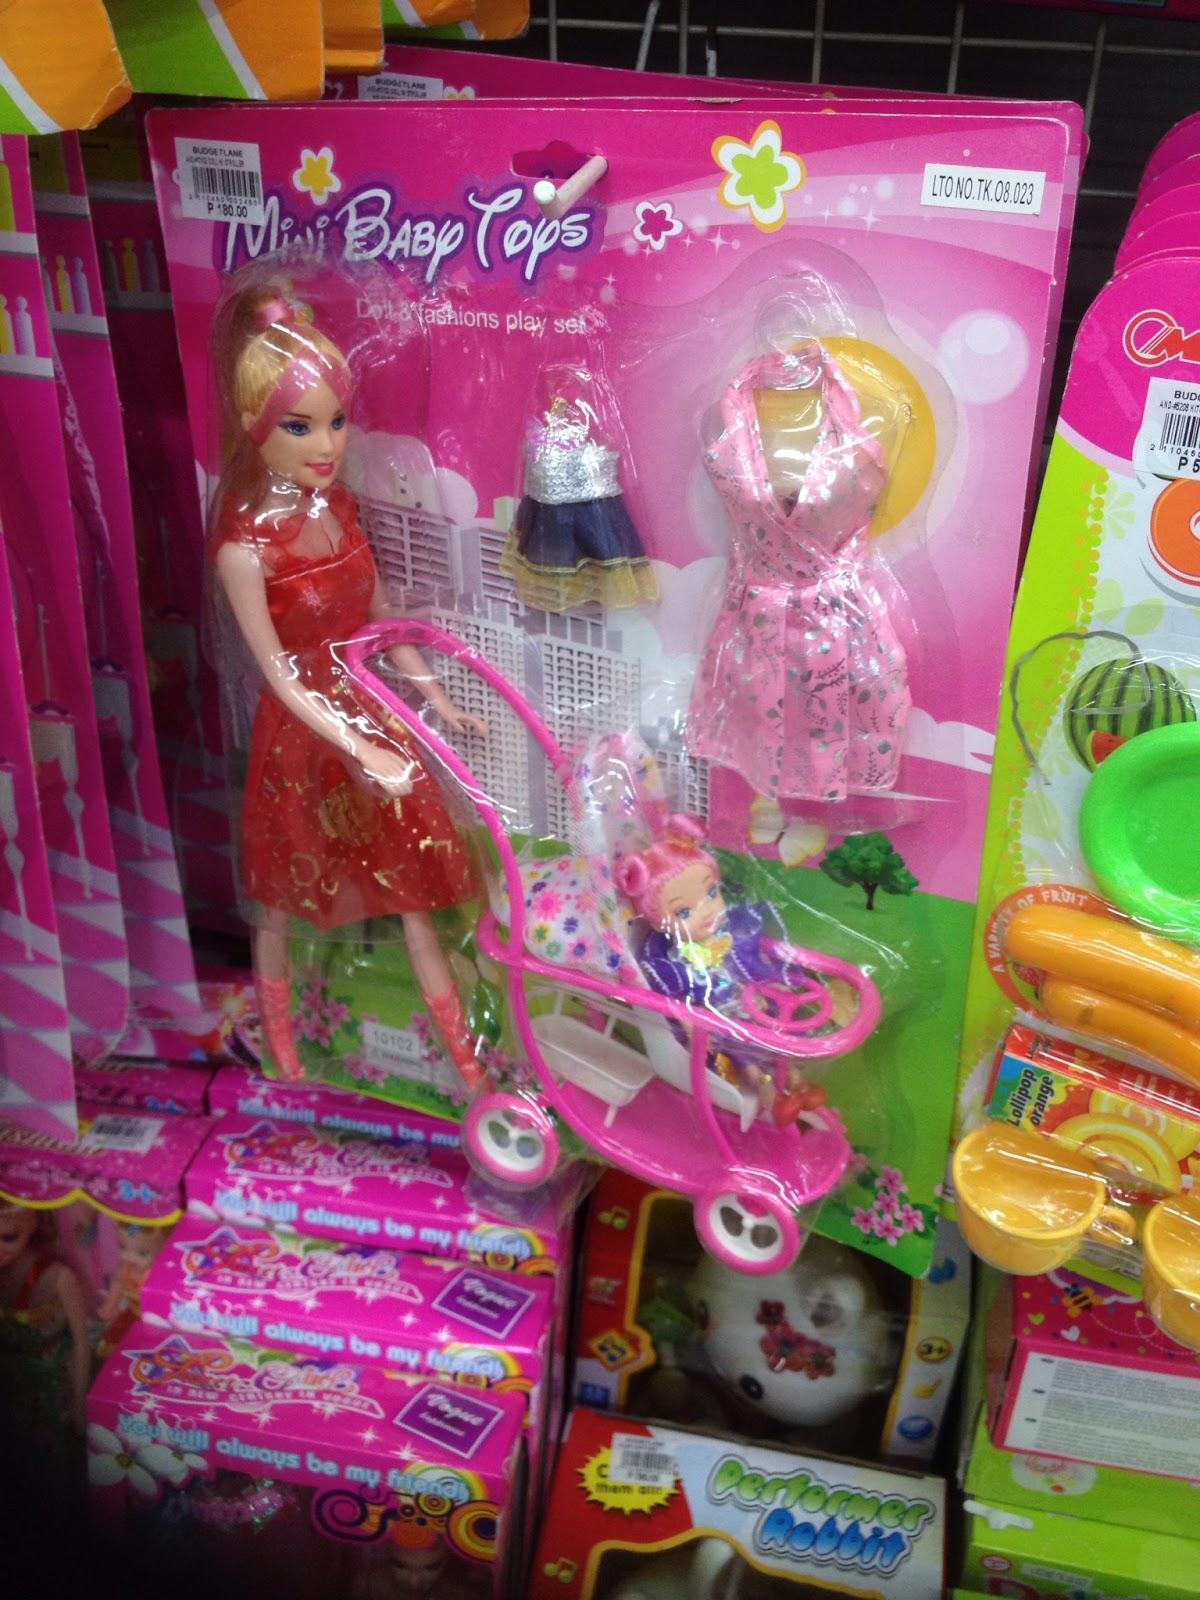 Jamie S Toy Blog Bootlegs Bootlegs Bootlegs Part 4